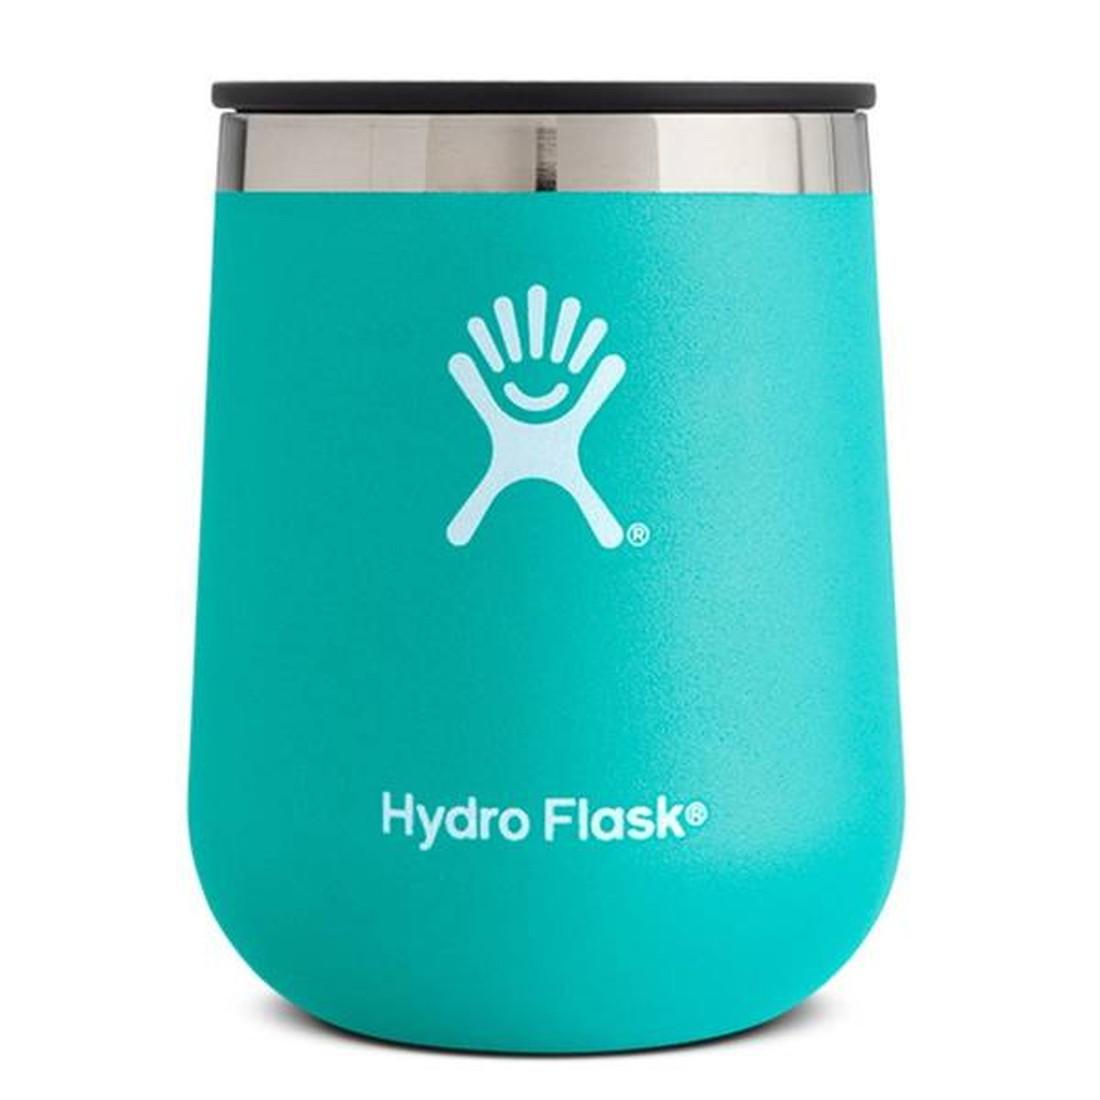 ハイドロフラスク ワインタンブラー 10oz 保温 保冷 タンブラー  国内正規品